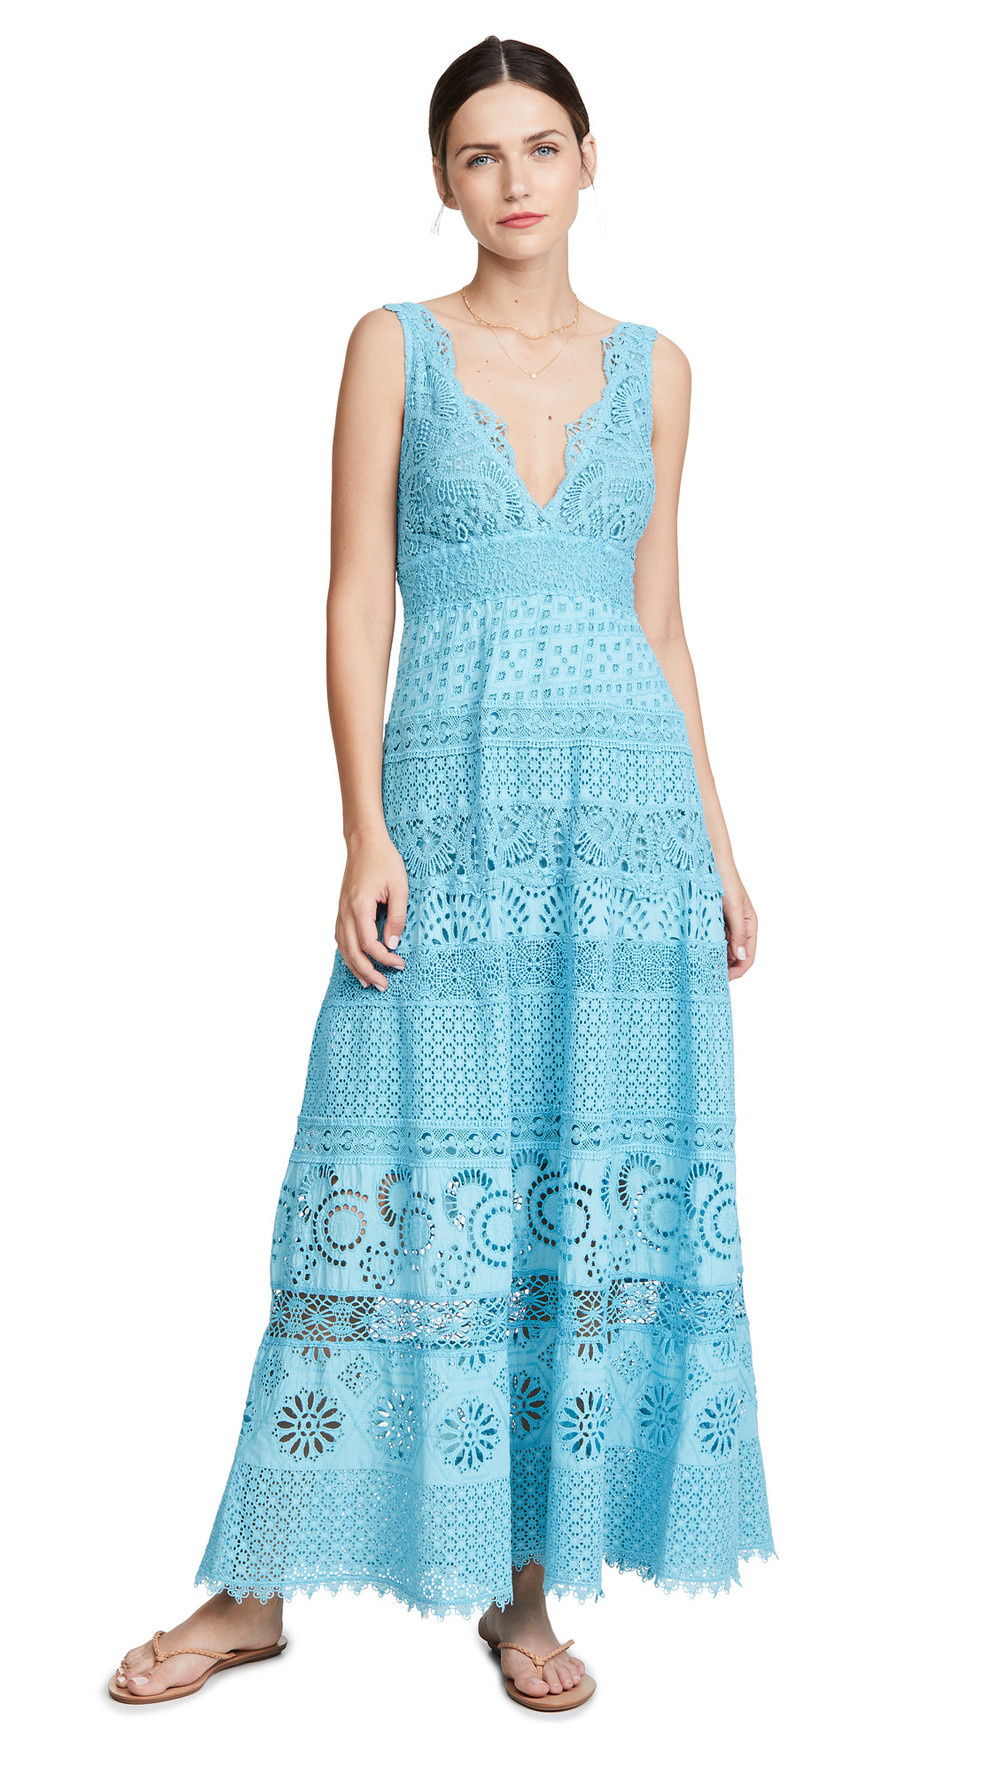 Temptation Positano L'Aquila Maxi Dress in teal